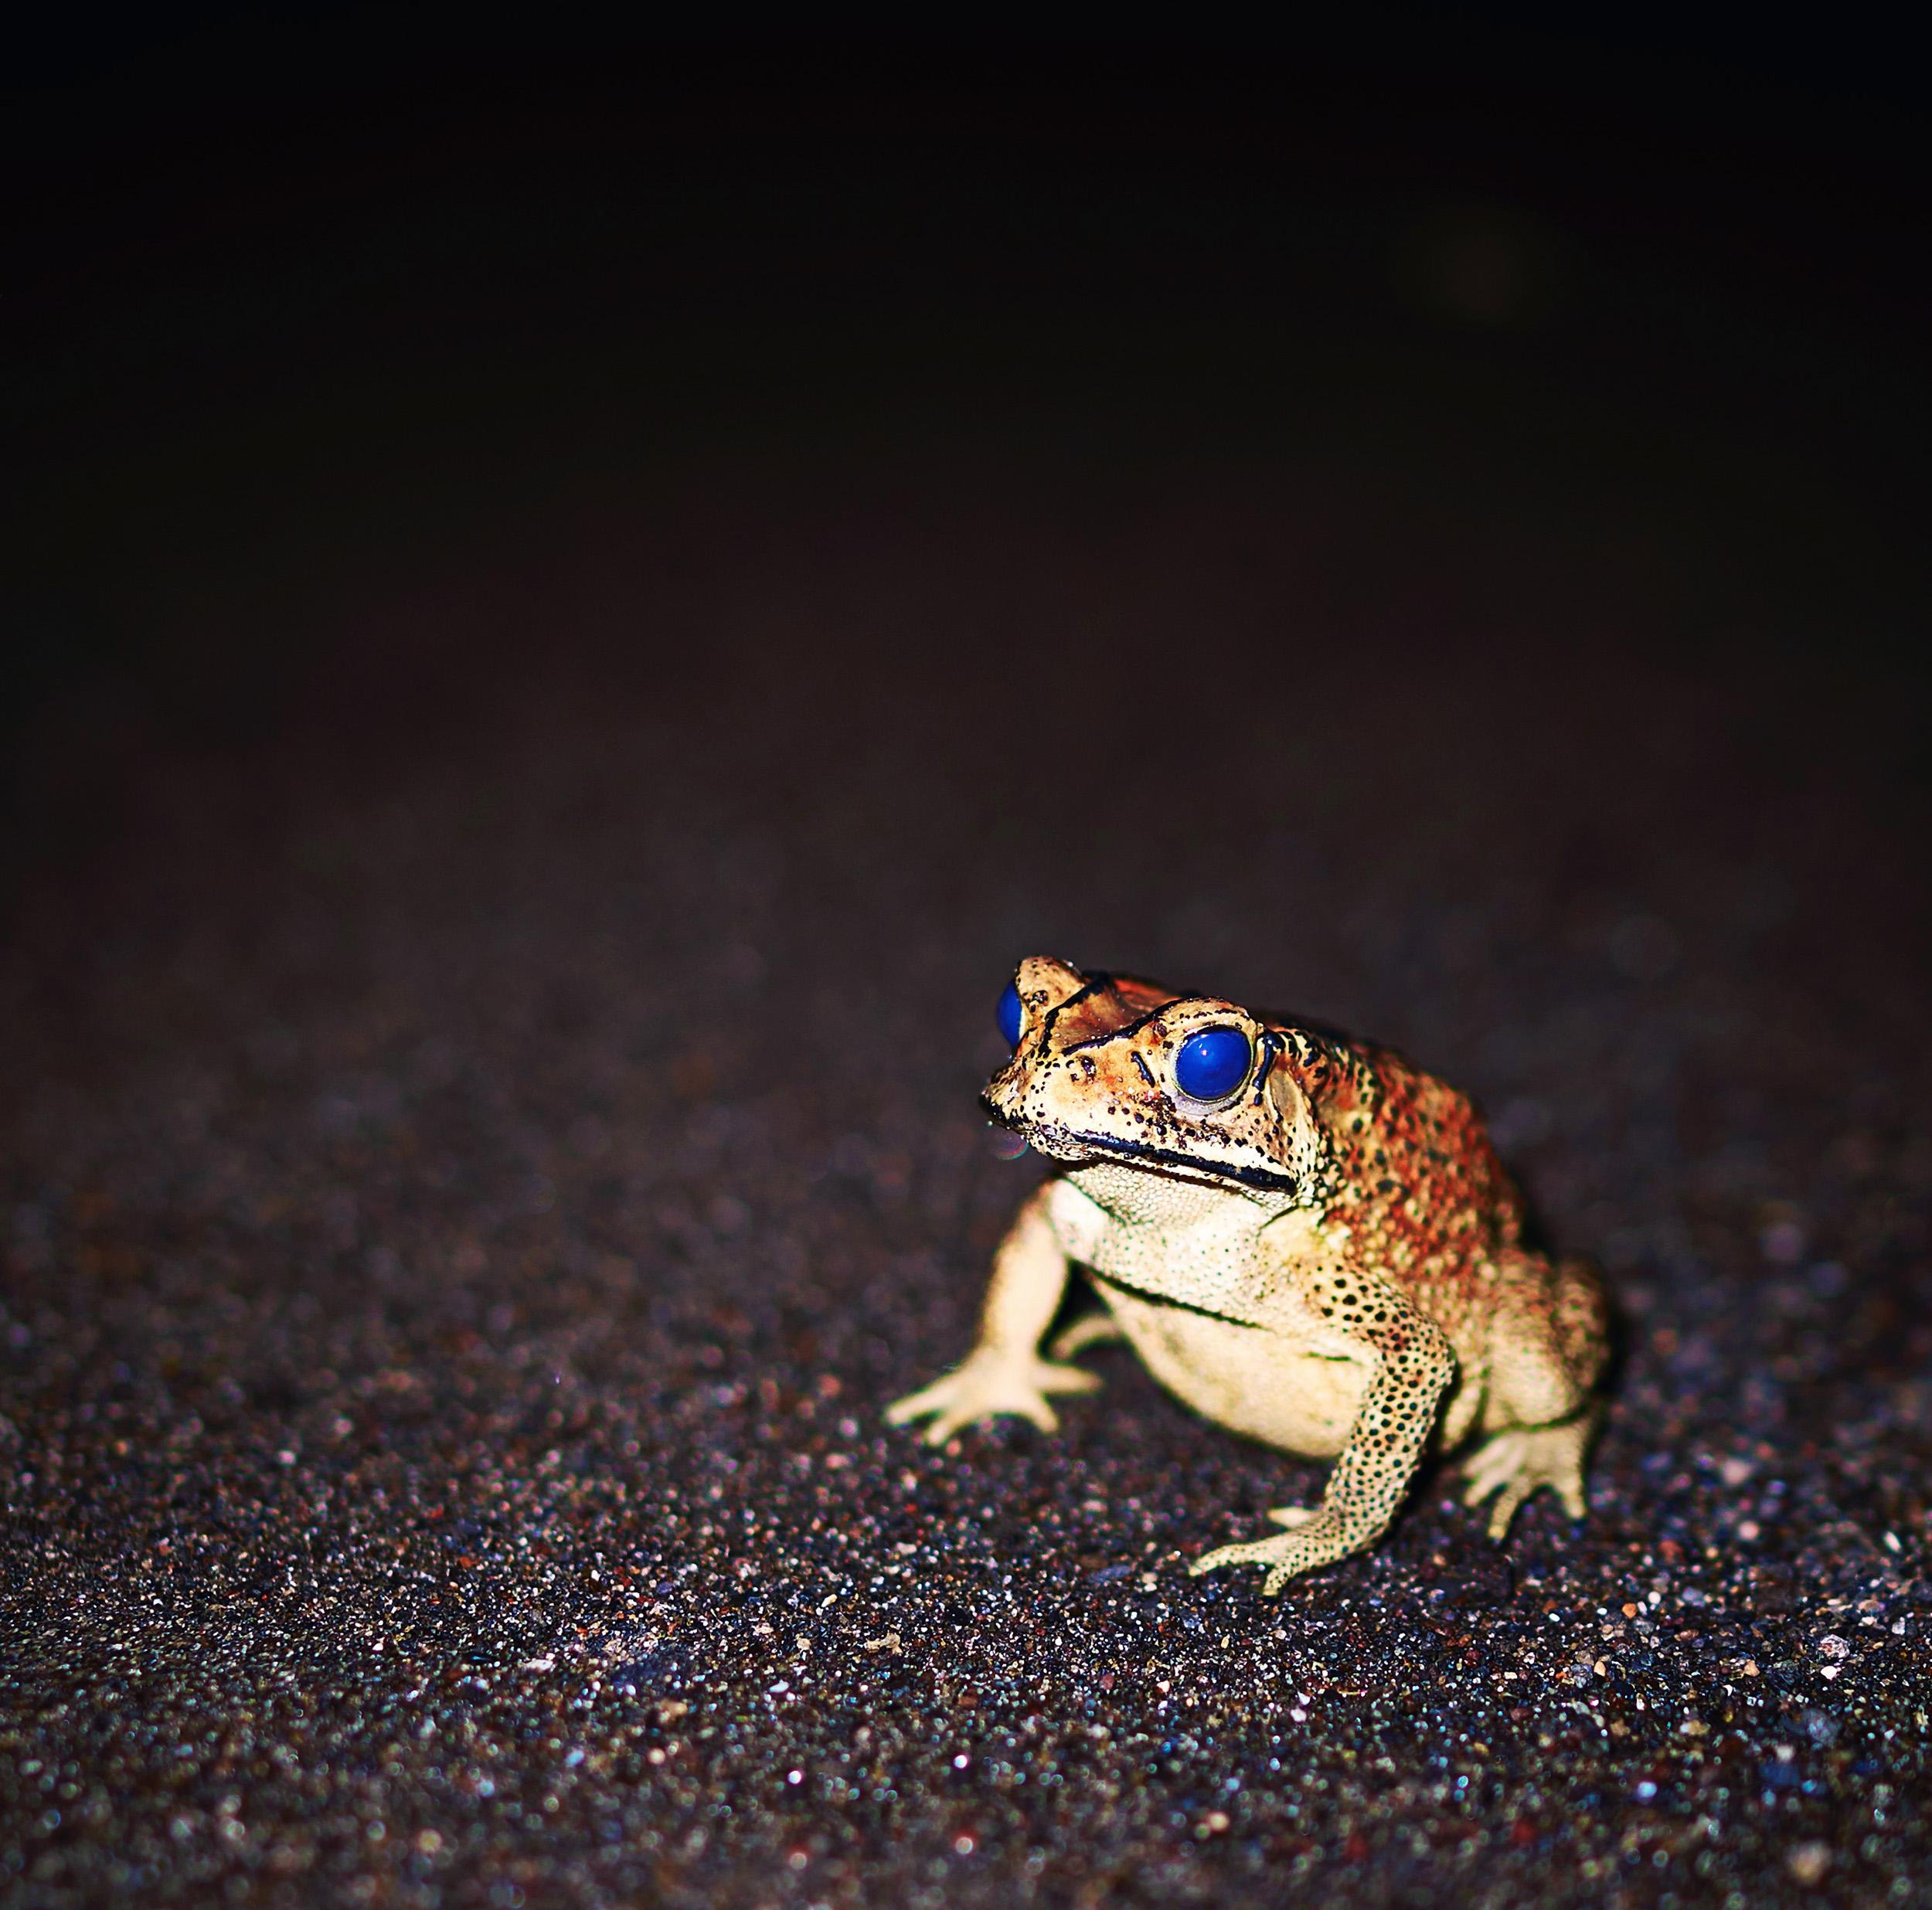 Nightfrog